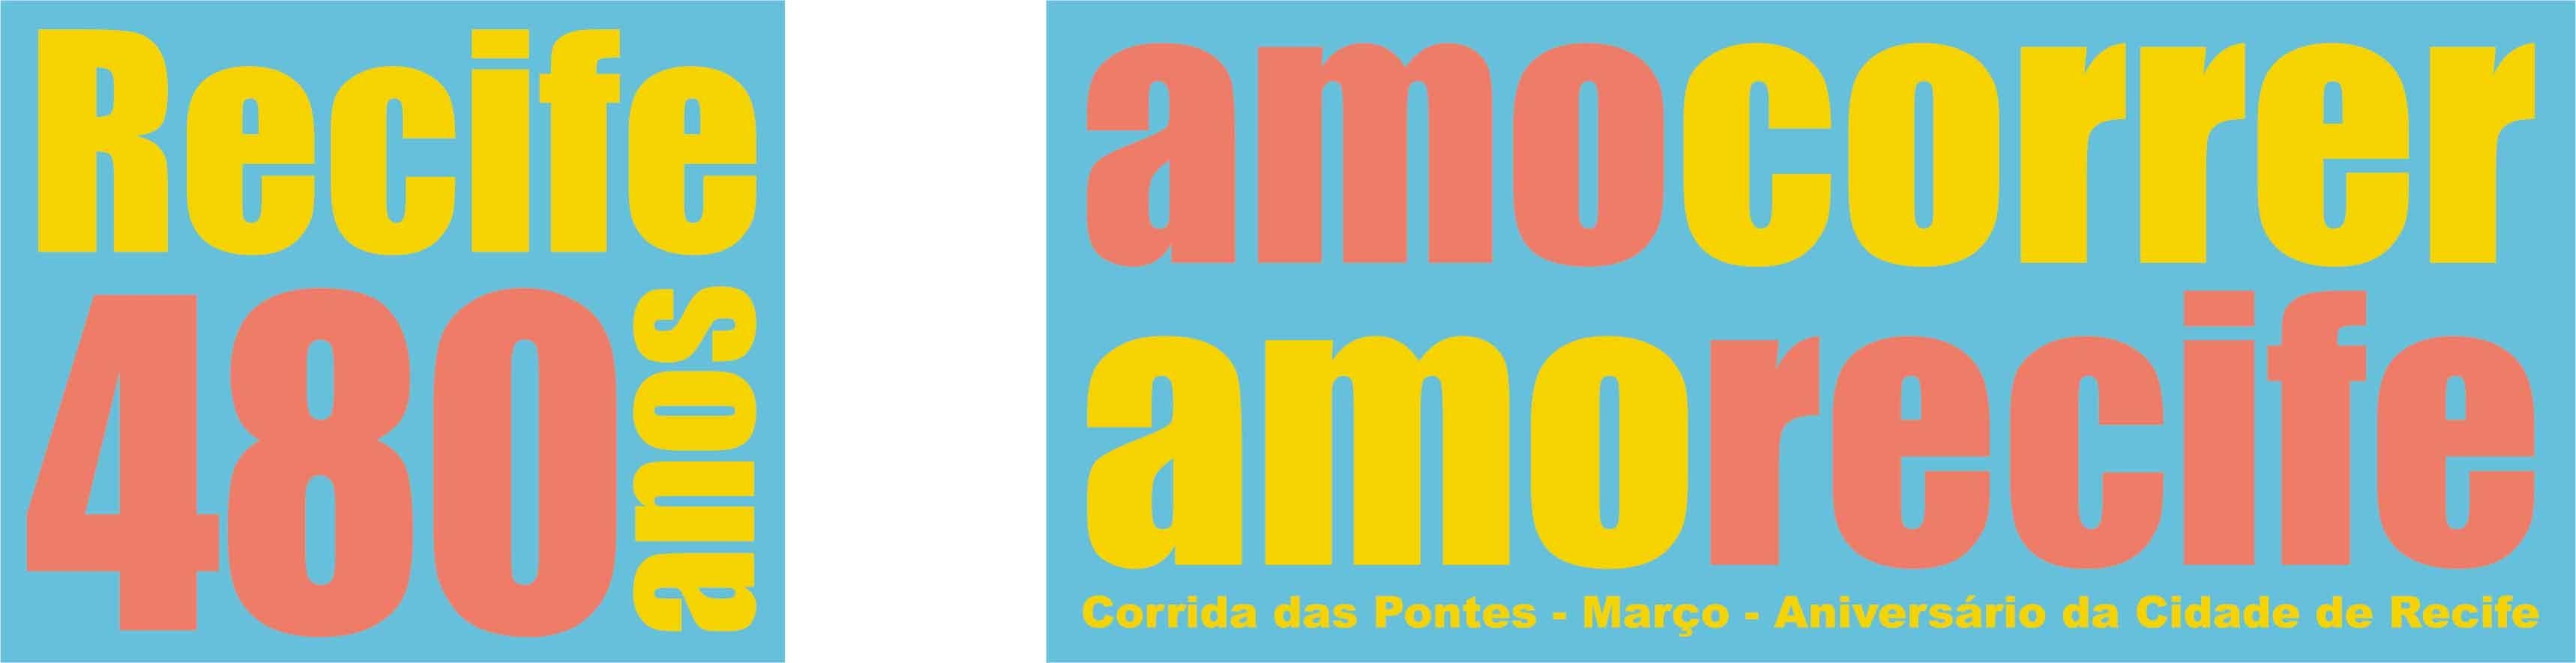 14ª CORRIDA DAS PONTES DO RECIFE 10 KM CARREFOUR - Imagem de topo